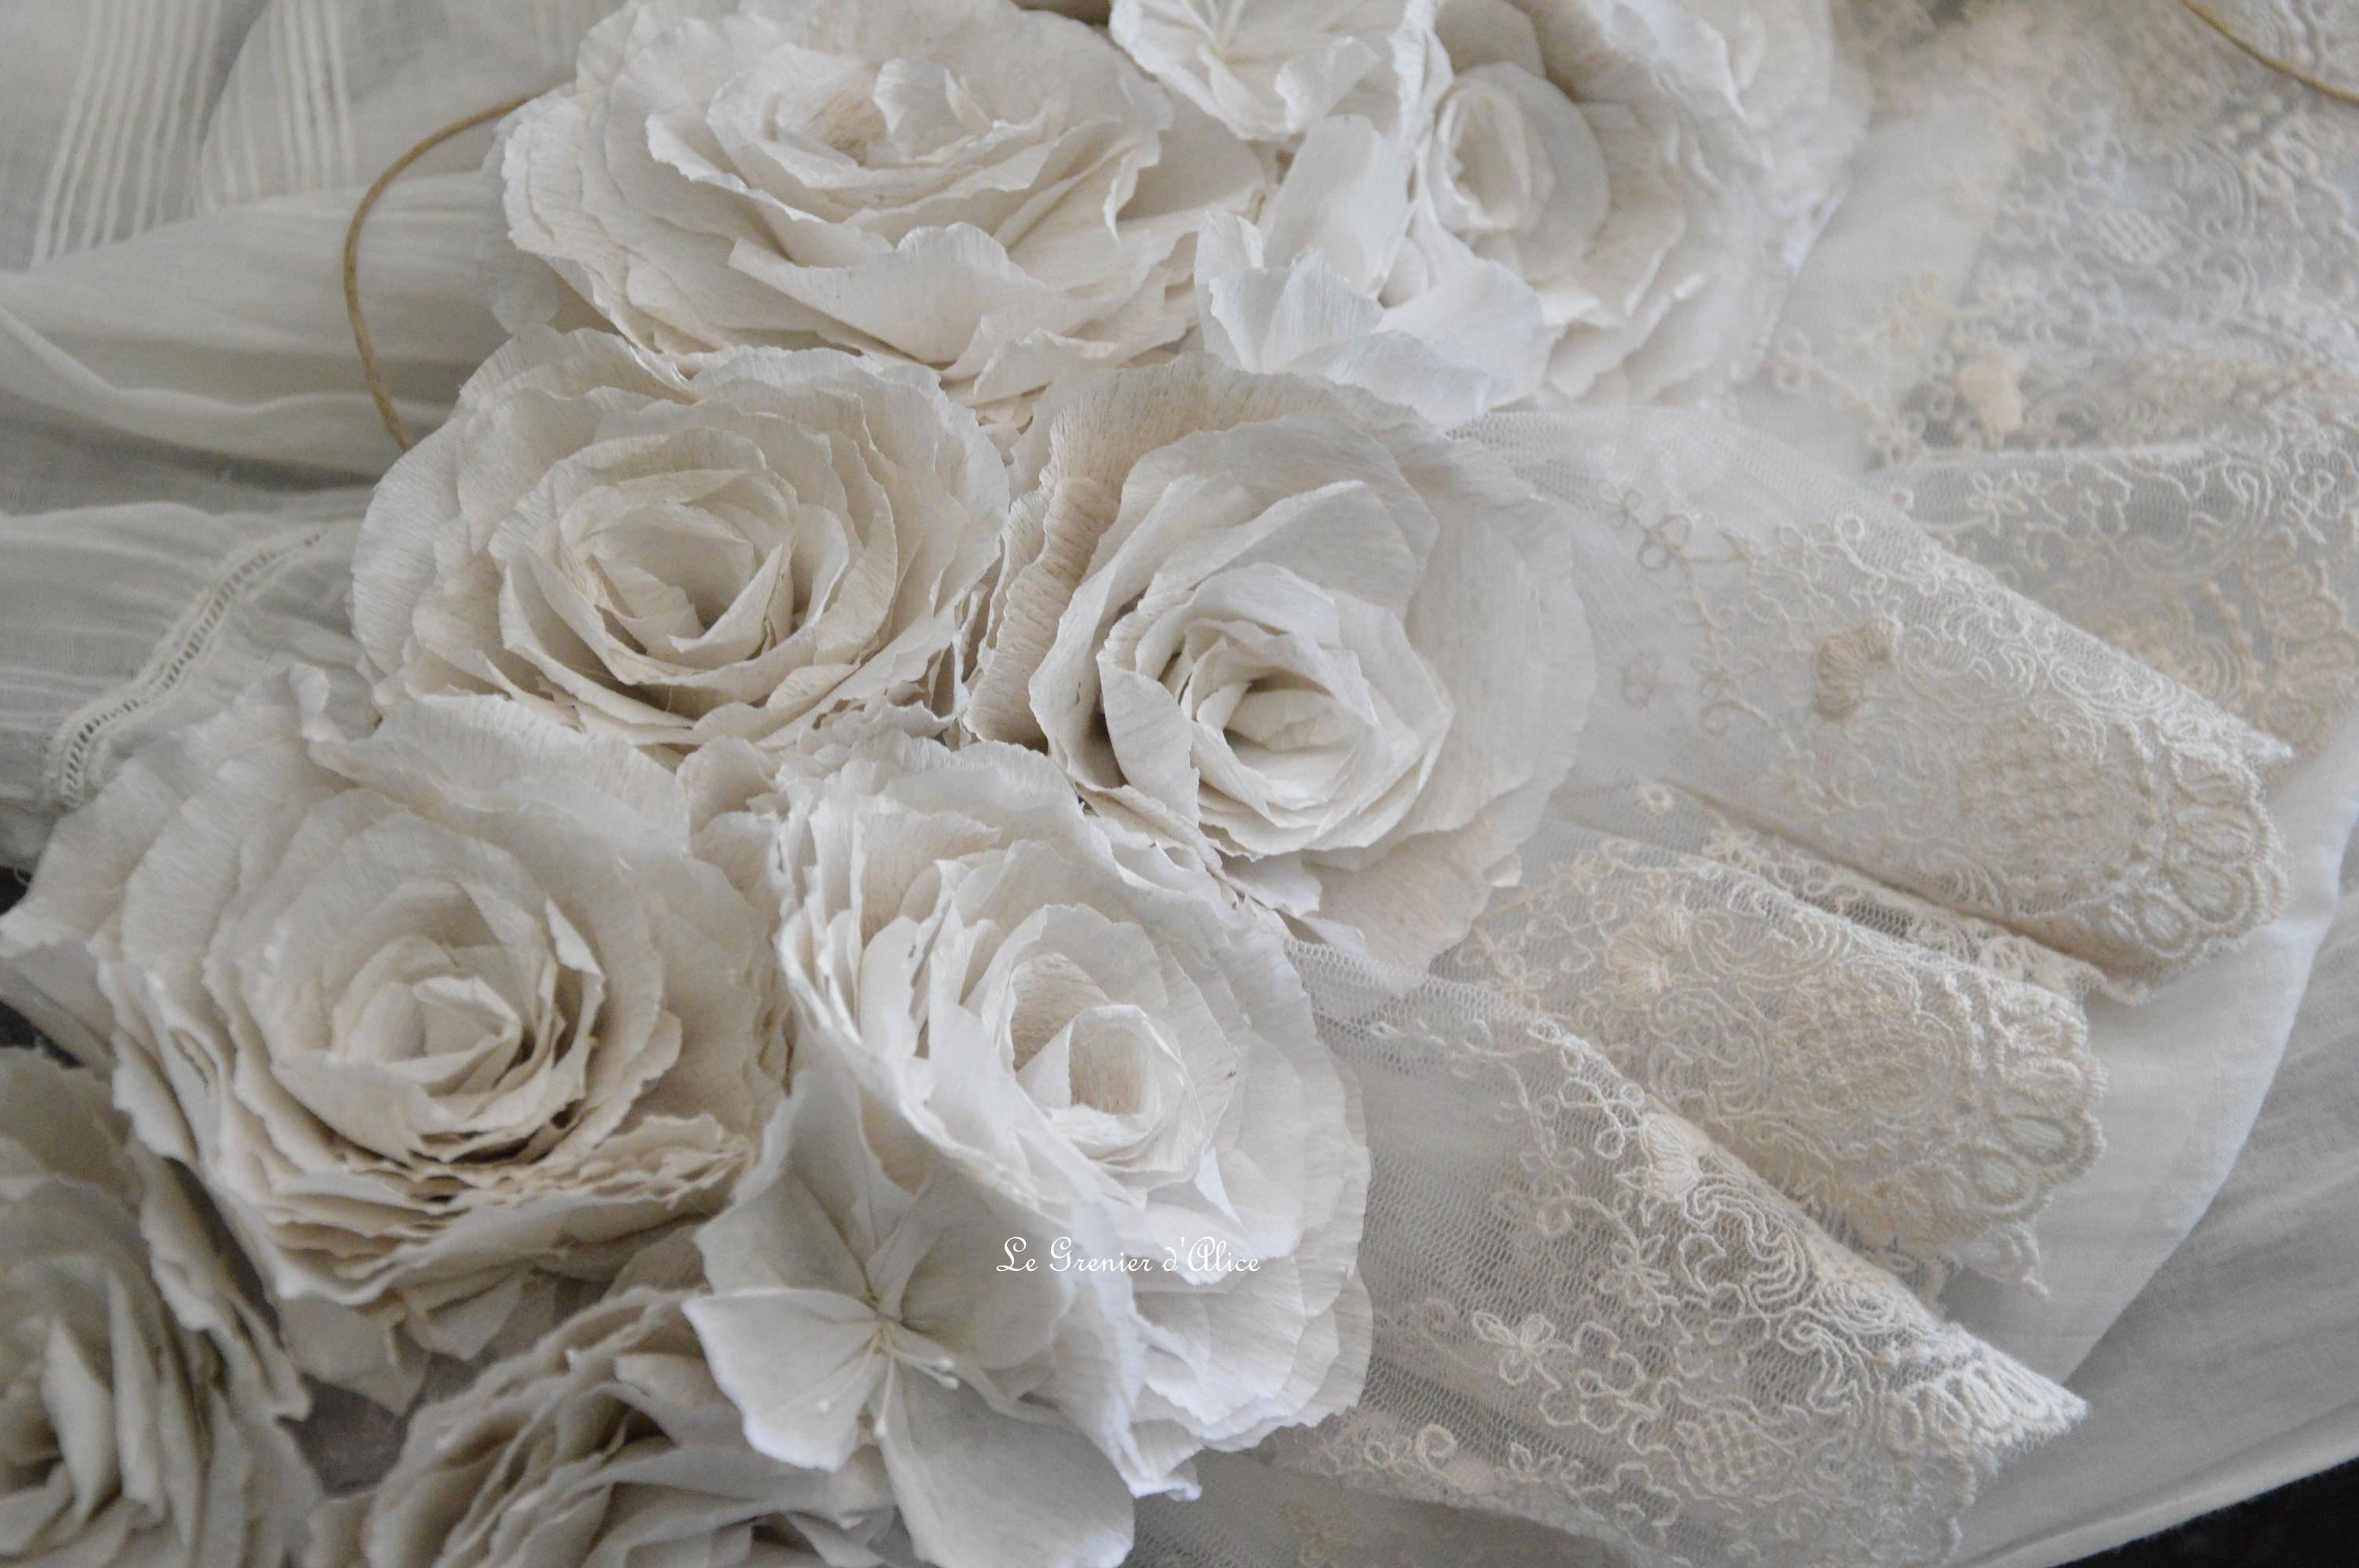 Guirlande rose papier crepon rose poudré couleur lin shabby chic romantique romantic rozen couronne rose dentelle voile mariée jute ruban 1